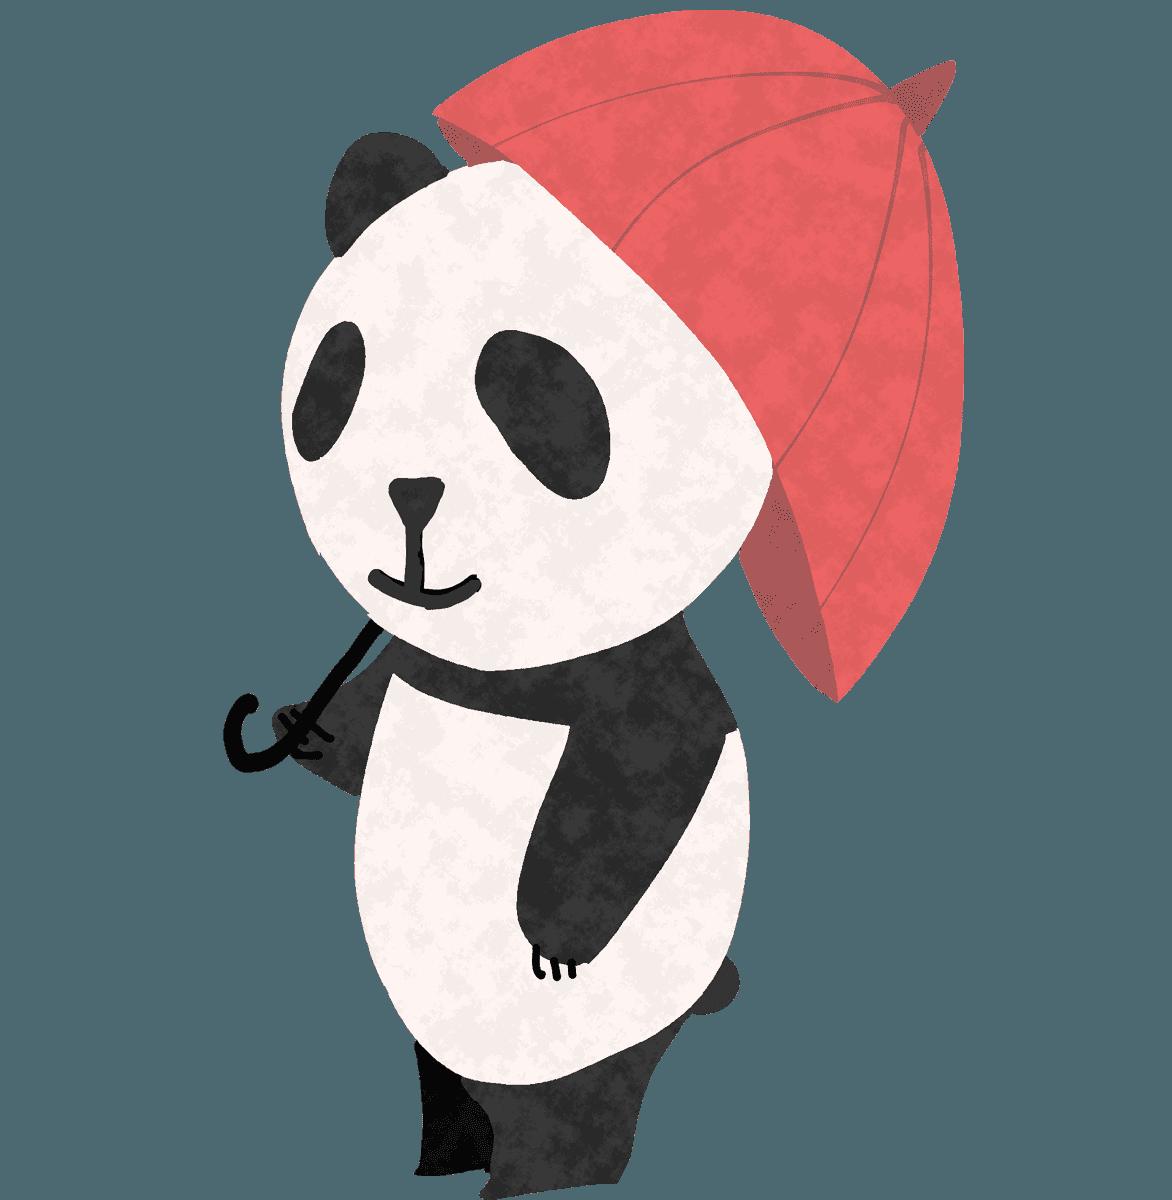 傘をさしてこちらを見るパンダイラスト